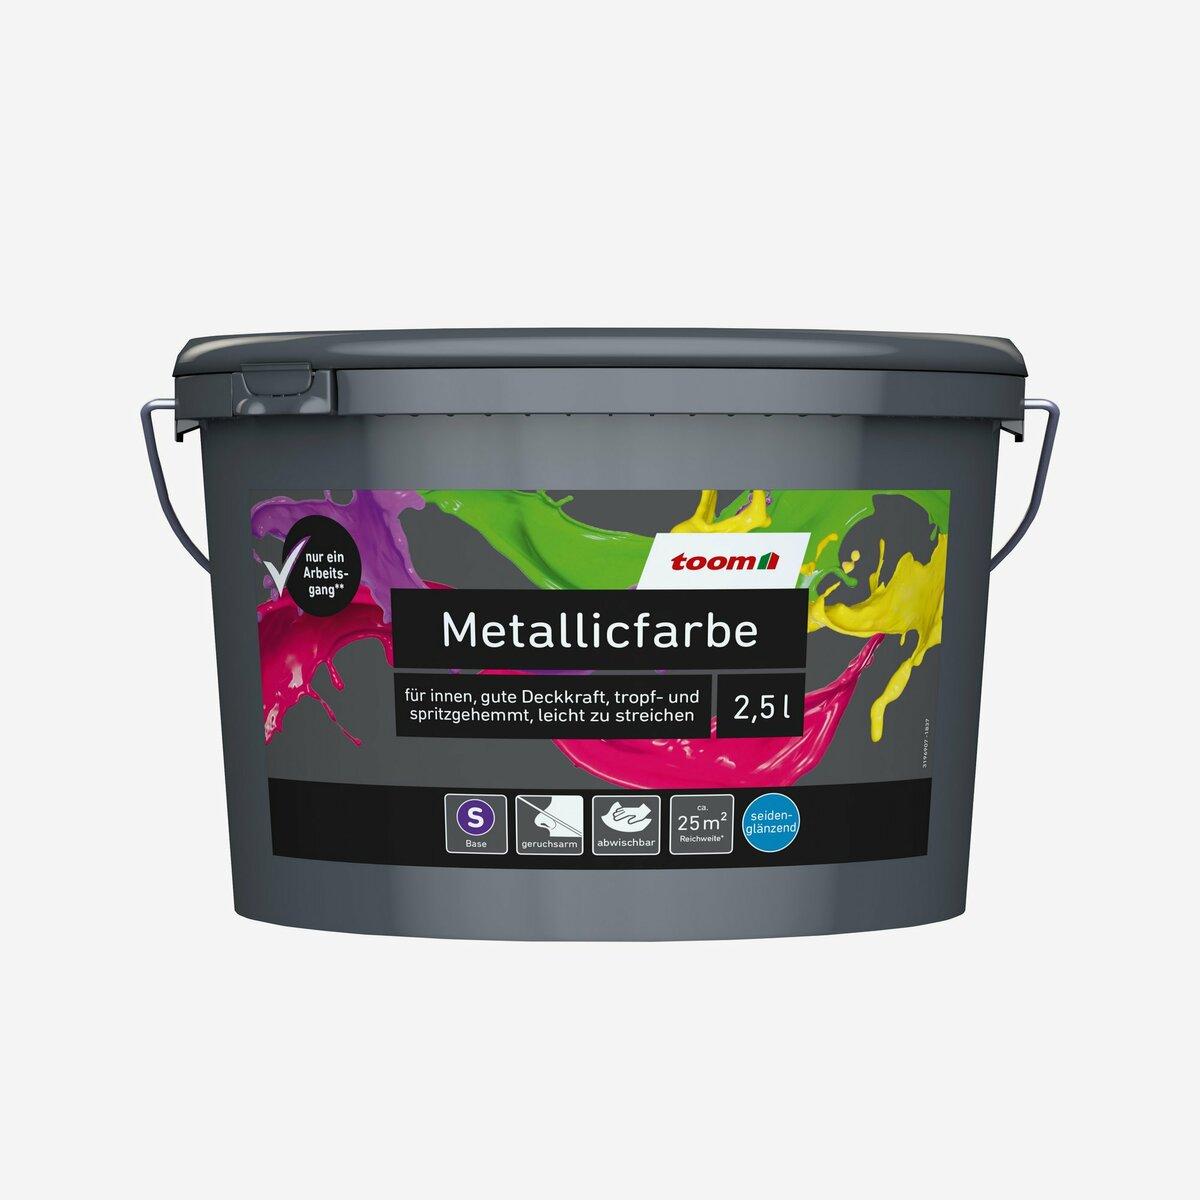 Bild 1 von toomEigenmarken -              toom Metallicfarbe Base 2,5 l